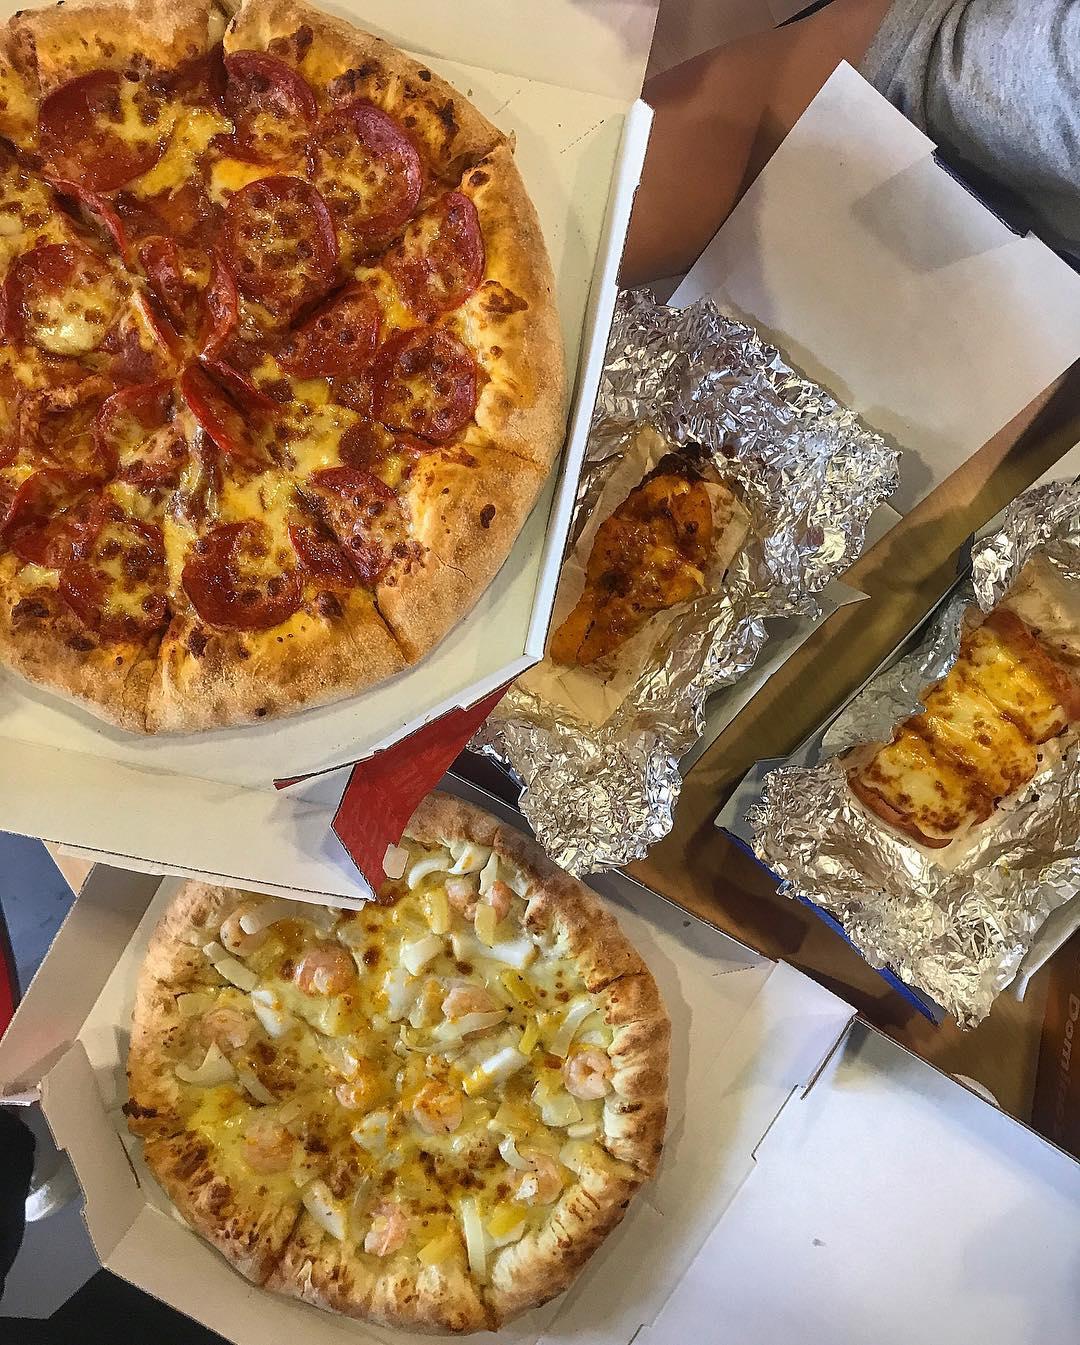 Domino pizza - Nhà hàng bán đồ mang về đang mở cửa gần tôi